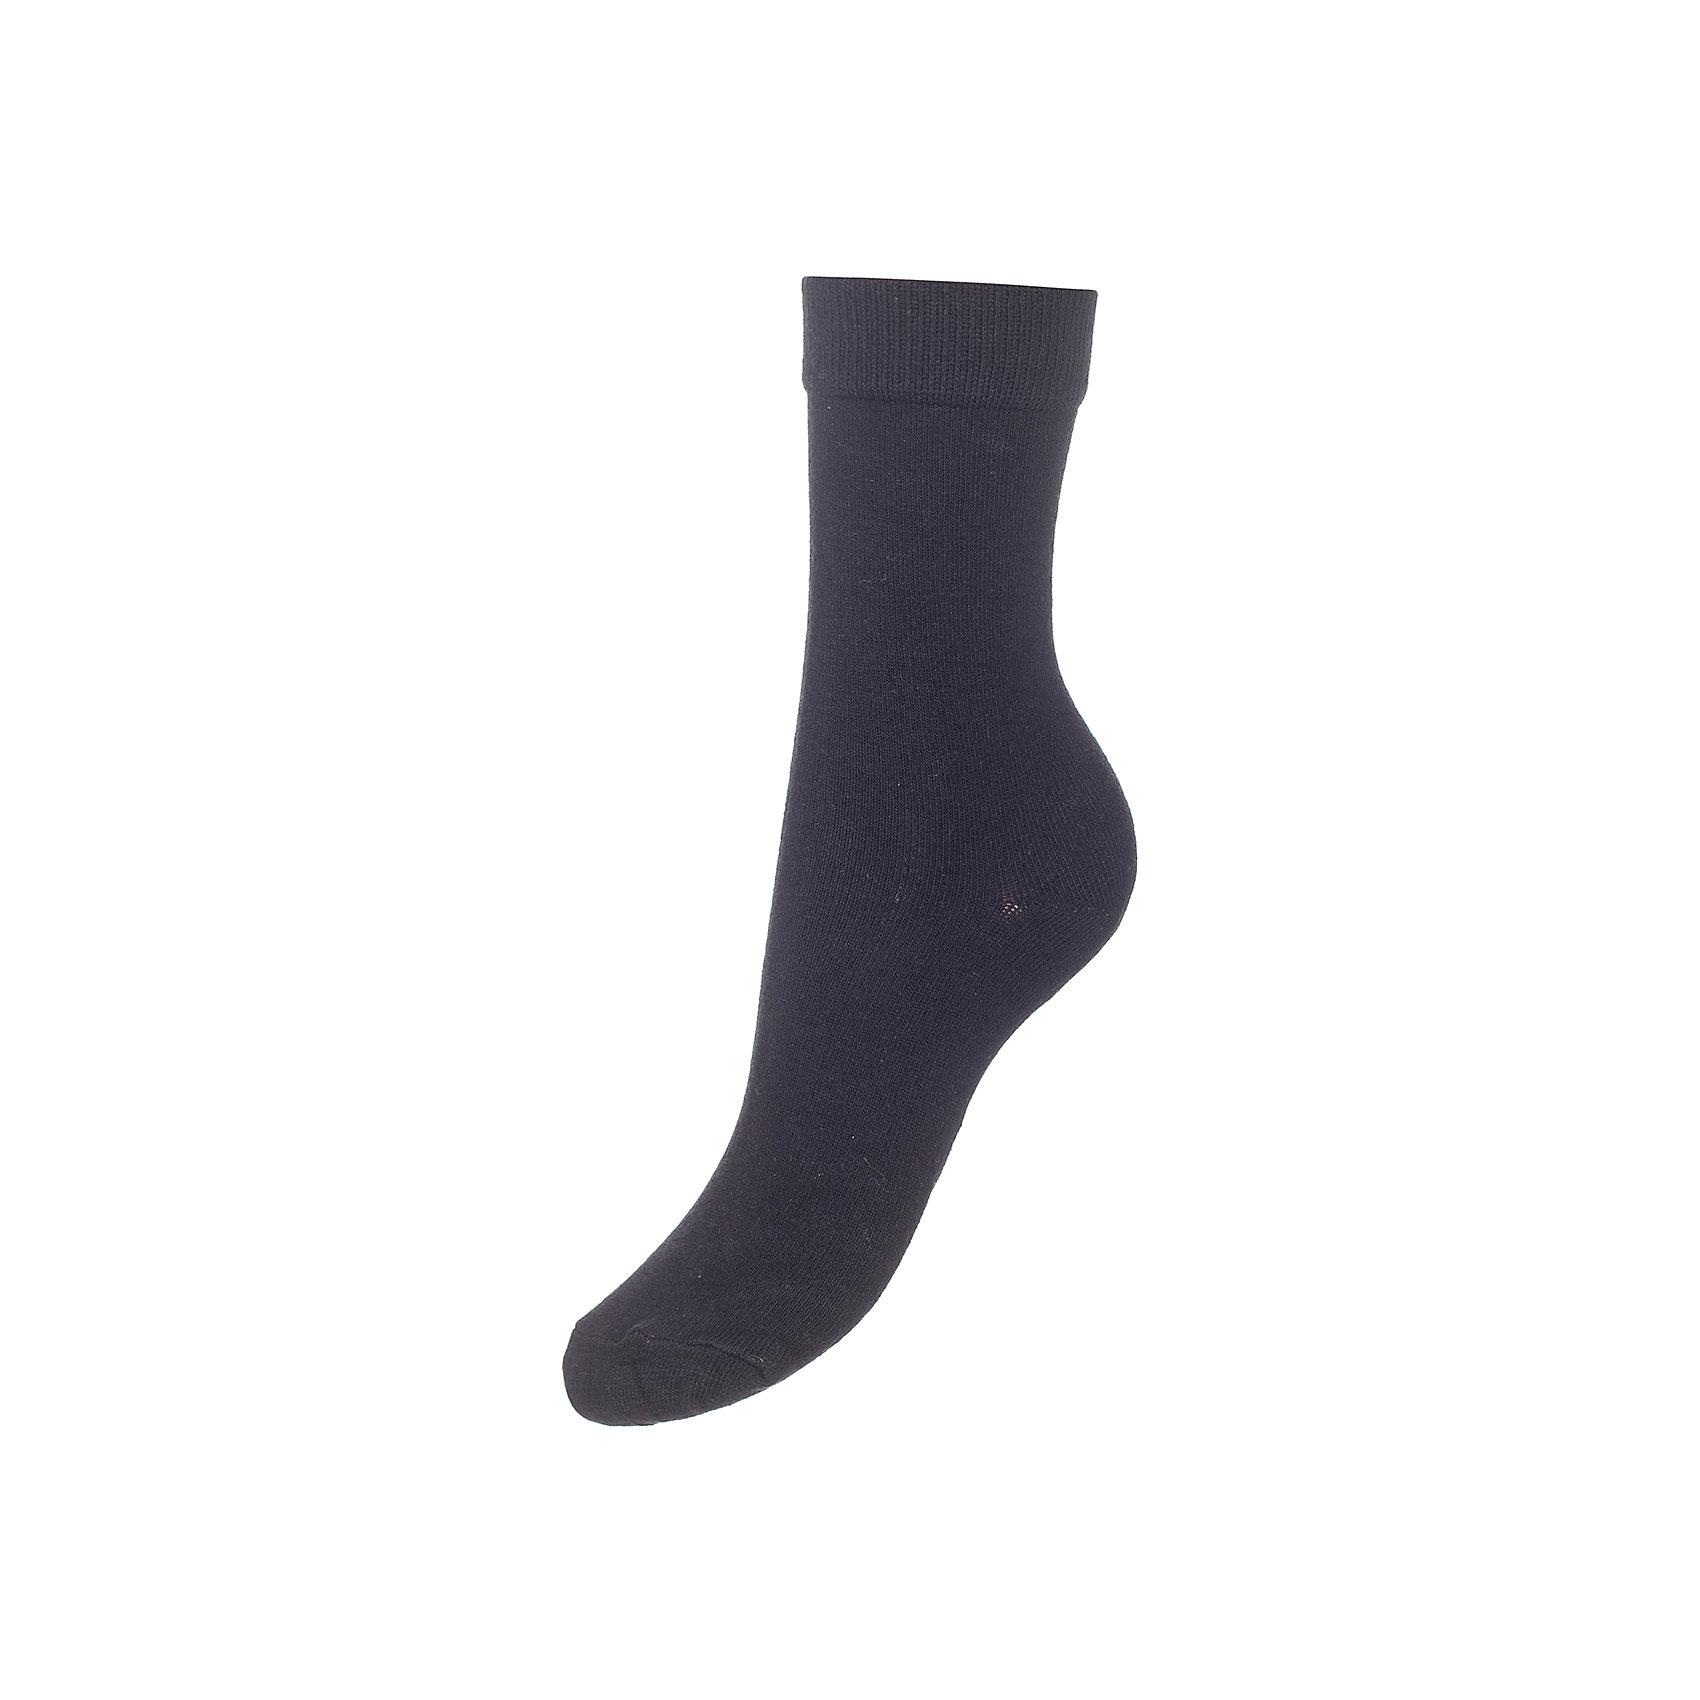 Носки ( 3 пары) BaykarНоски<br>Характеристики товара:<br><br>• цвет: черный<br>• состав ткани: 75% хлопок; 22% полиамид; 3% эластан<br>• комплектация: 3 пары<br>• сезон: круглый год<br>• страна бренда: Турция<br>• страна изготовитель: Турция<br><br>Правильные носки для ребенка должны быть мягкими и дышащими. Этот набор носков от турецкого бренда Baykar позволит обеспечить ногам детей удобство.<br><br>Хлопковые носки хорошо впитывают влагу, не натирают. Мягкая резинка не давит на ногу.<br><br>Носки (3 пары) Baykar (Байкар) можно купить в нашем интернет-магазине.<br><br>Ширина мм: 87<br>Глубина мм: 10<br>Высота мм: 105<br>Вес г: 115<br>Цвет: черный<br>Возраст от месяцев: 132<br>Возраст до месяцев: 1188<br>Пол: Унисекс<br>Возраст: Детский<br>Размер: 22-24,24-26,18-20,20-22<br>SKU: 6863929